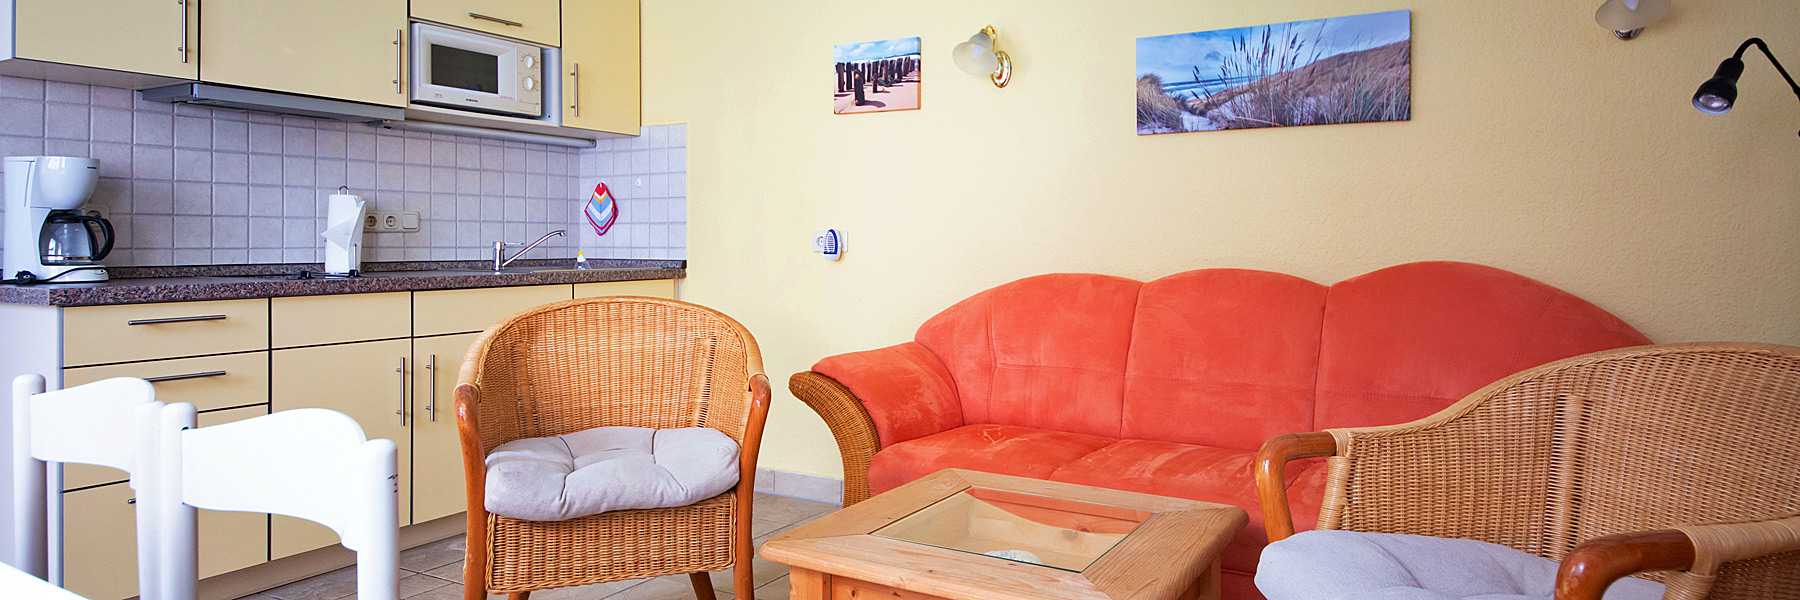 Wohnraum mit Küche - Ferienwohnungen im Fischerhus